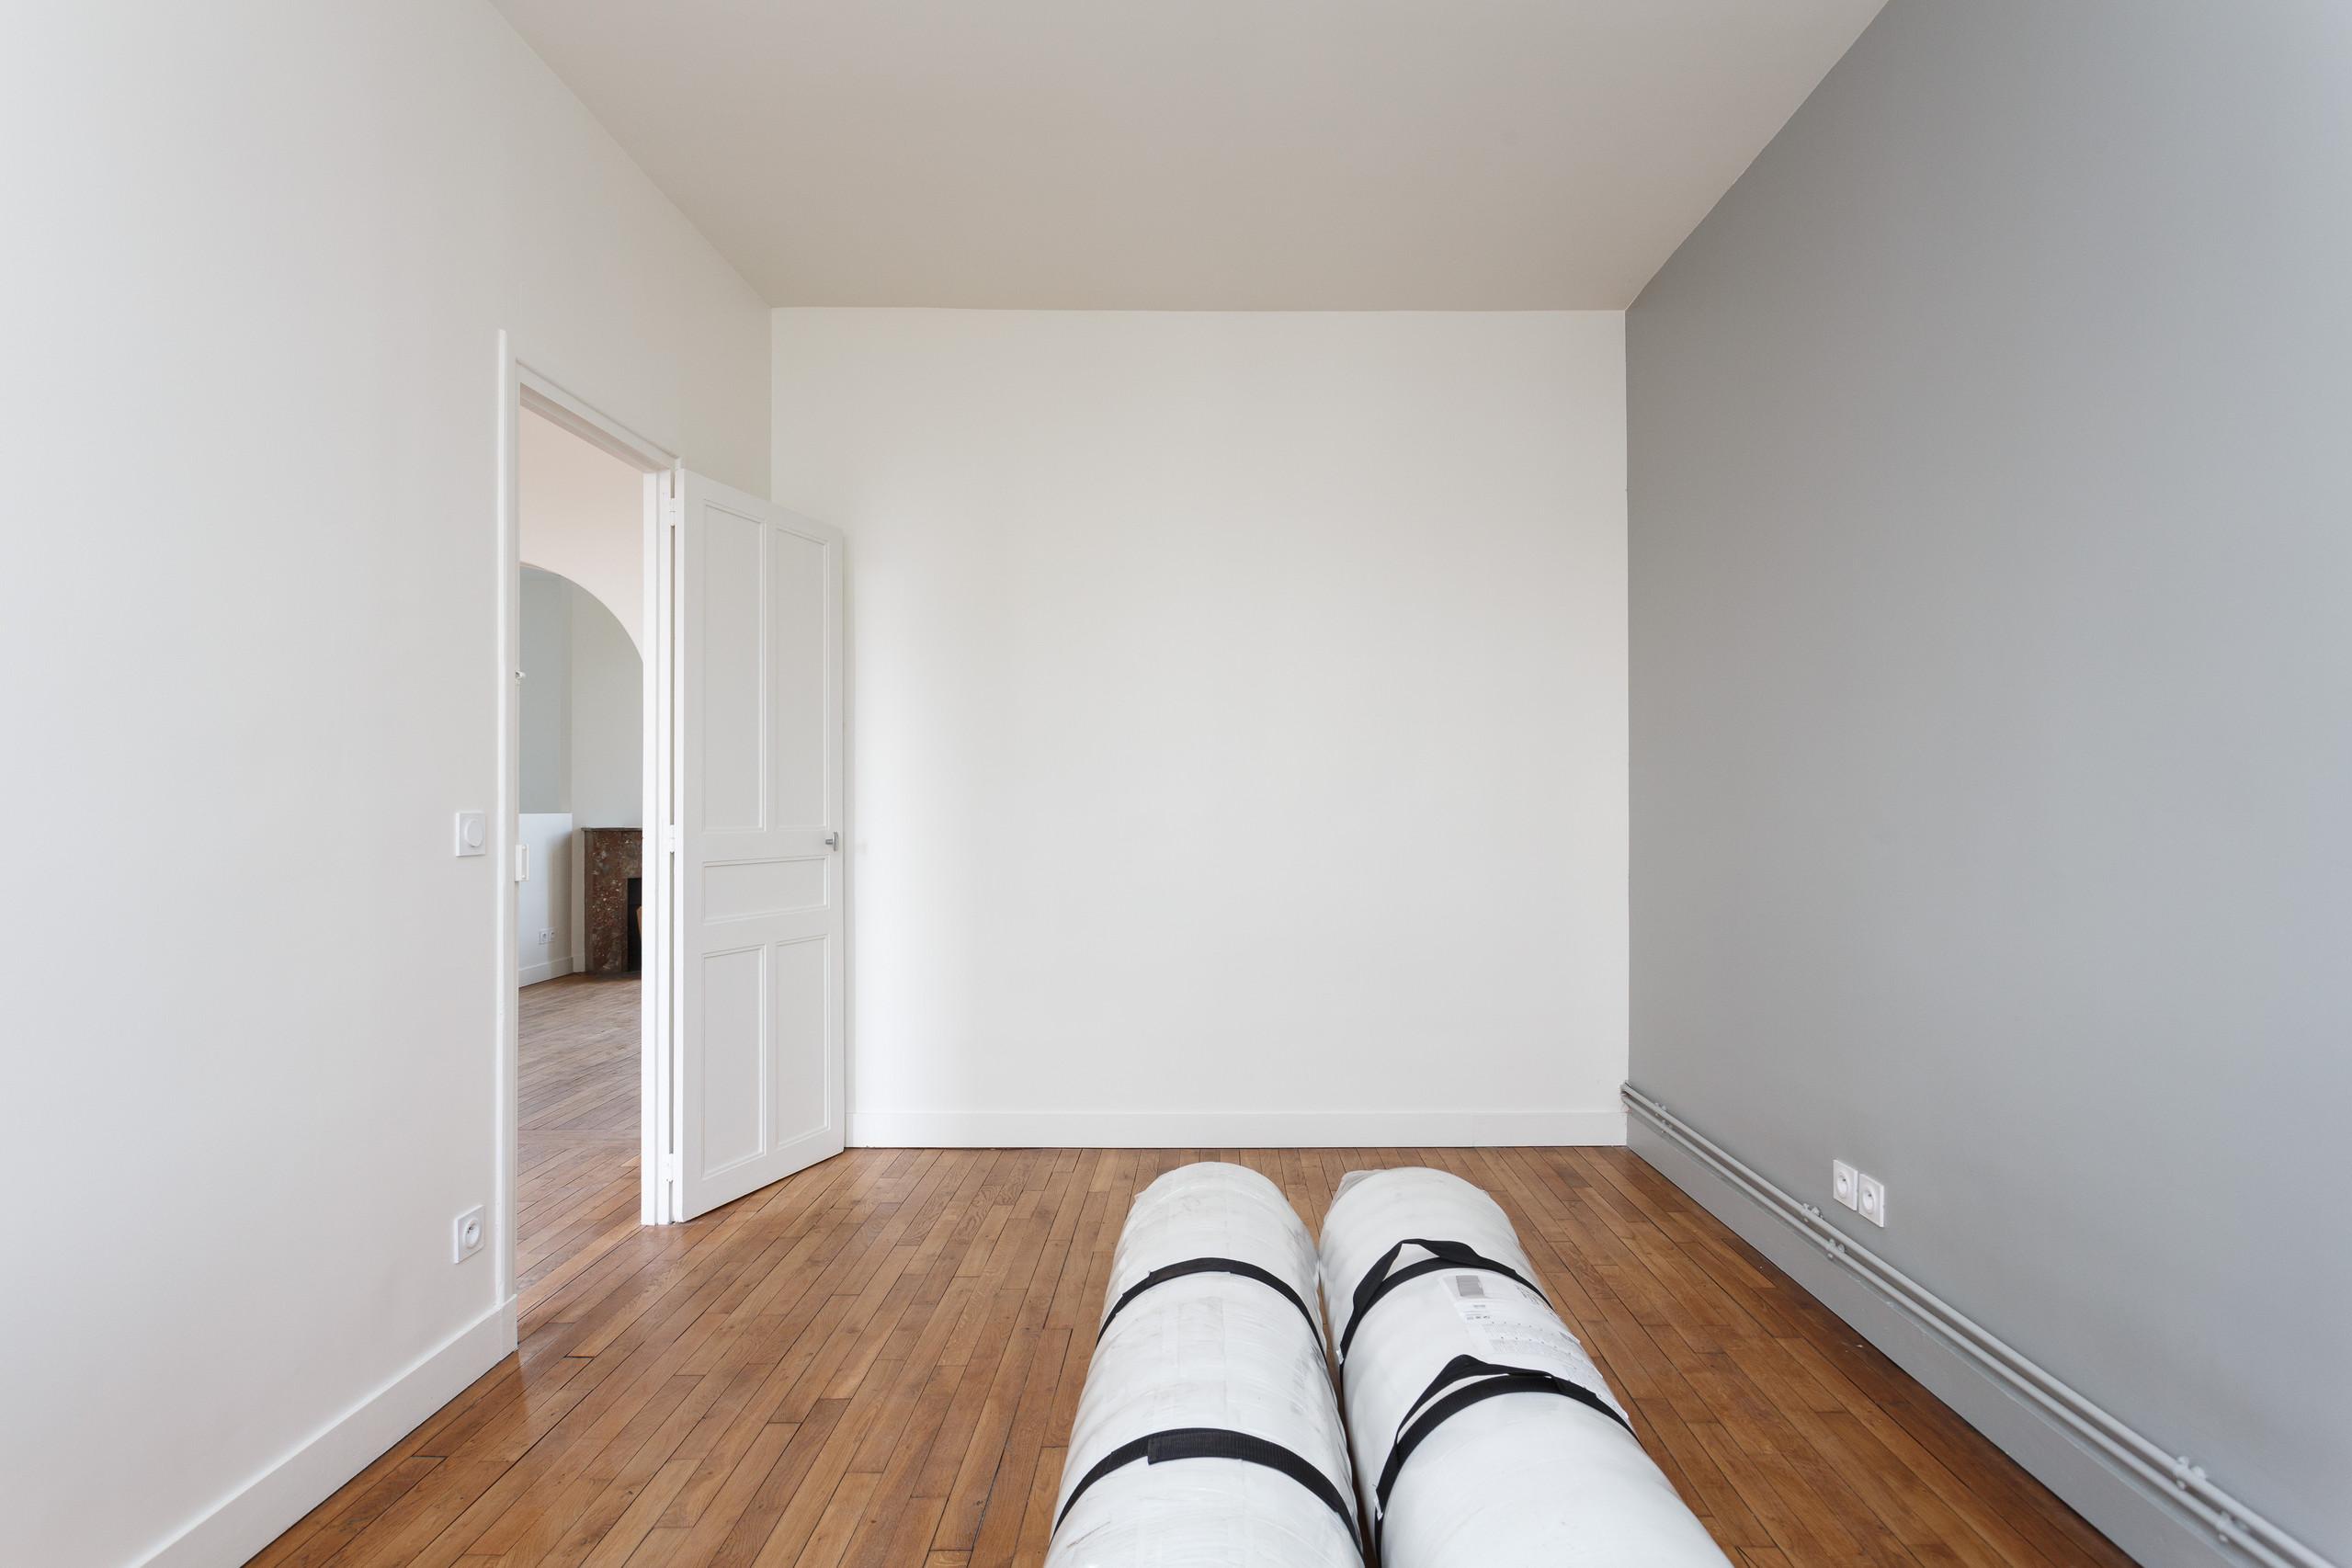 La deuxième chambre avant travaux